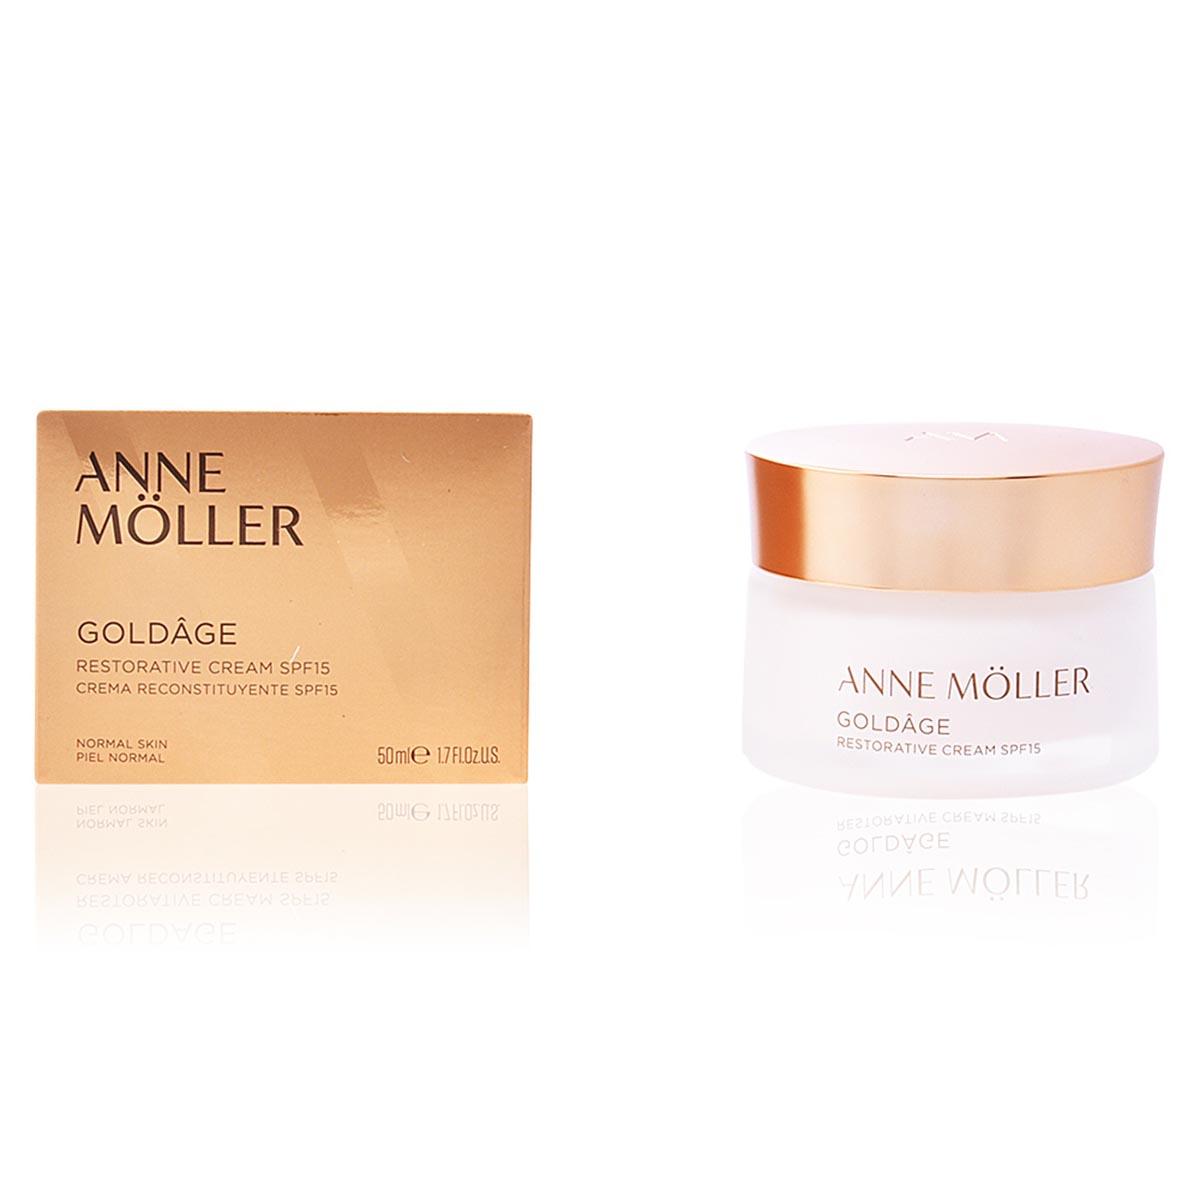 Anne moller goldage restorative spf15 crema 50ml